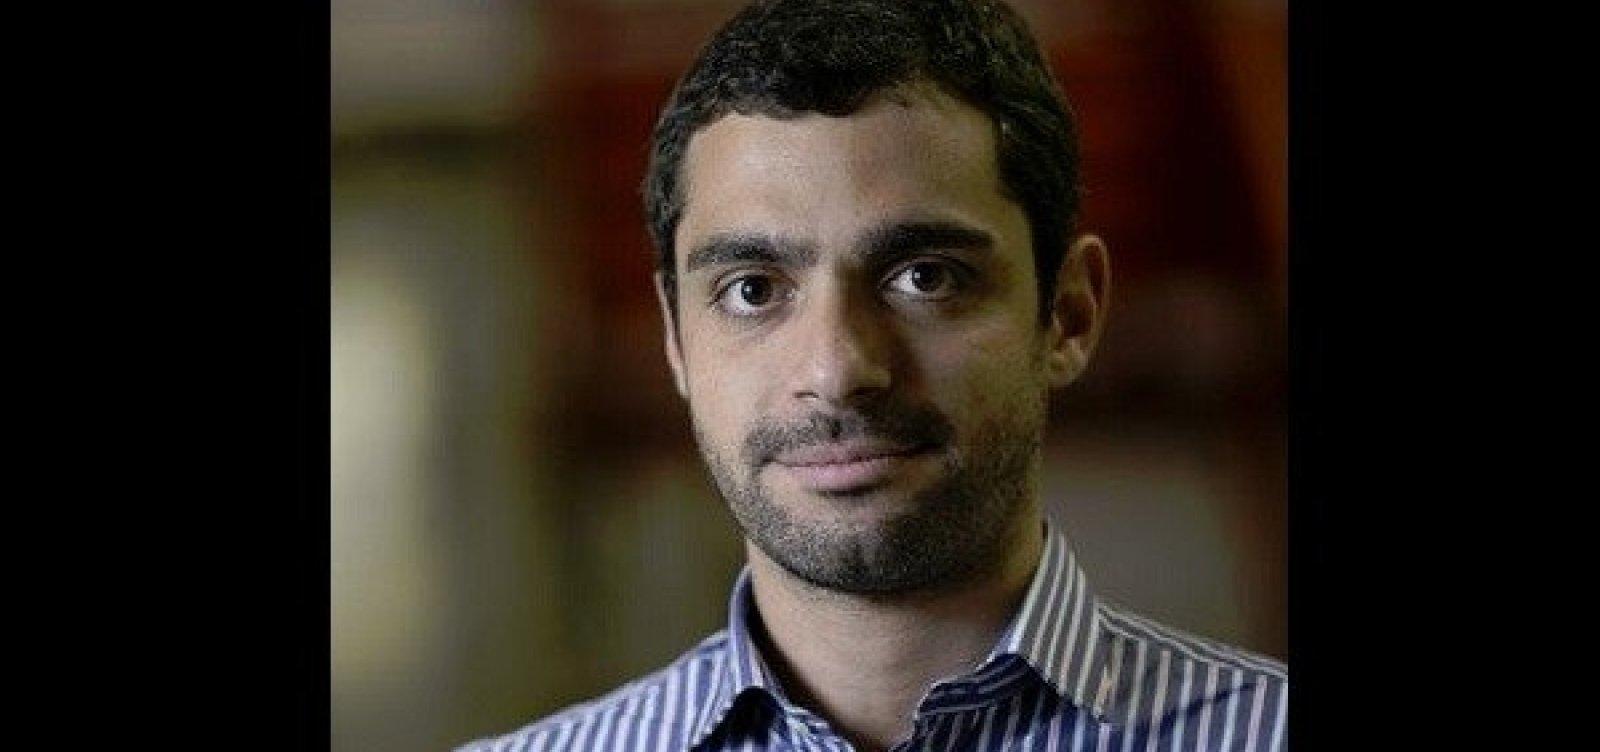 Colunista condena liberação de delação por Moro: 'Não tem justificativa de urgência'